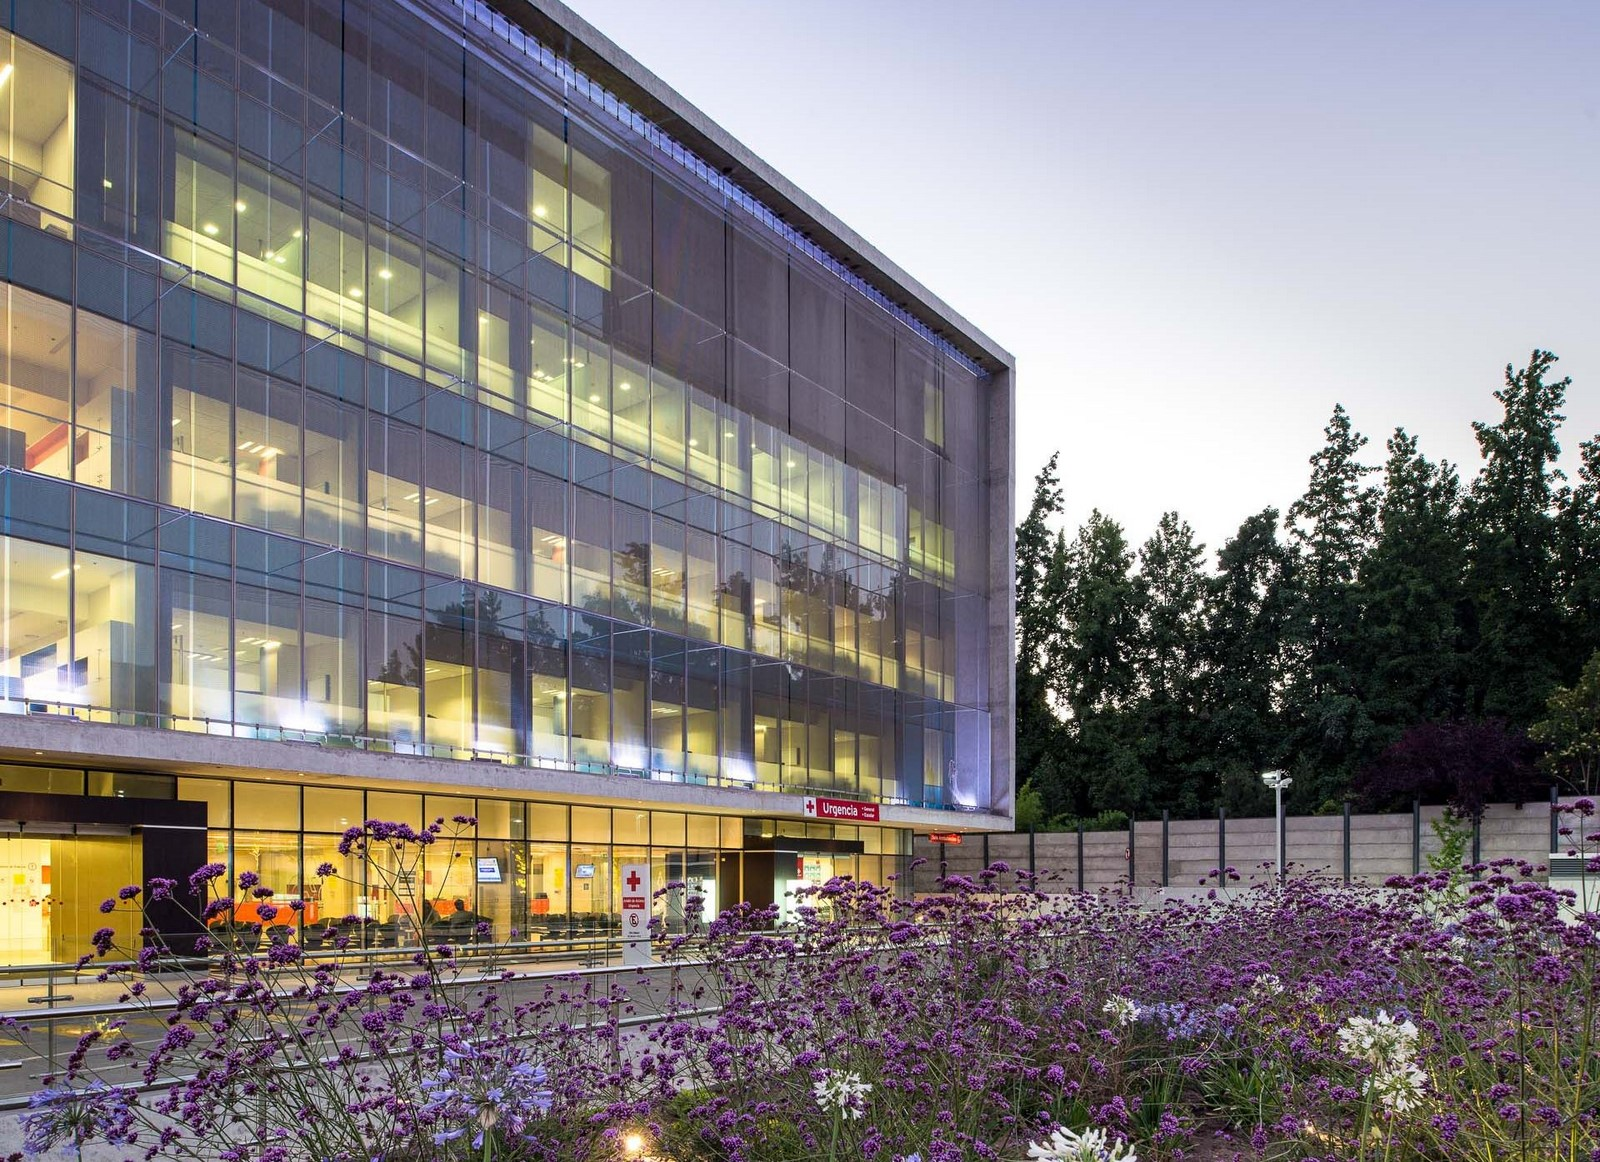 la dehesa singles Cines la dehesa ofrecen al espectador 19 salas de proyección dentro del parque comercial y de ocio quadernillos, en alcalá de henares.